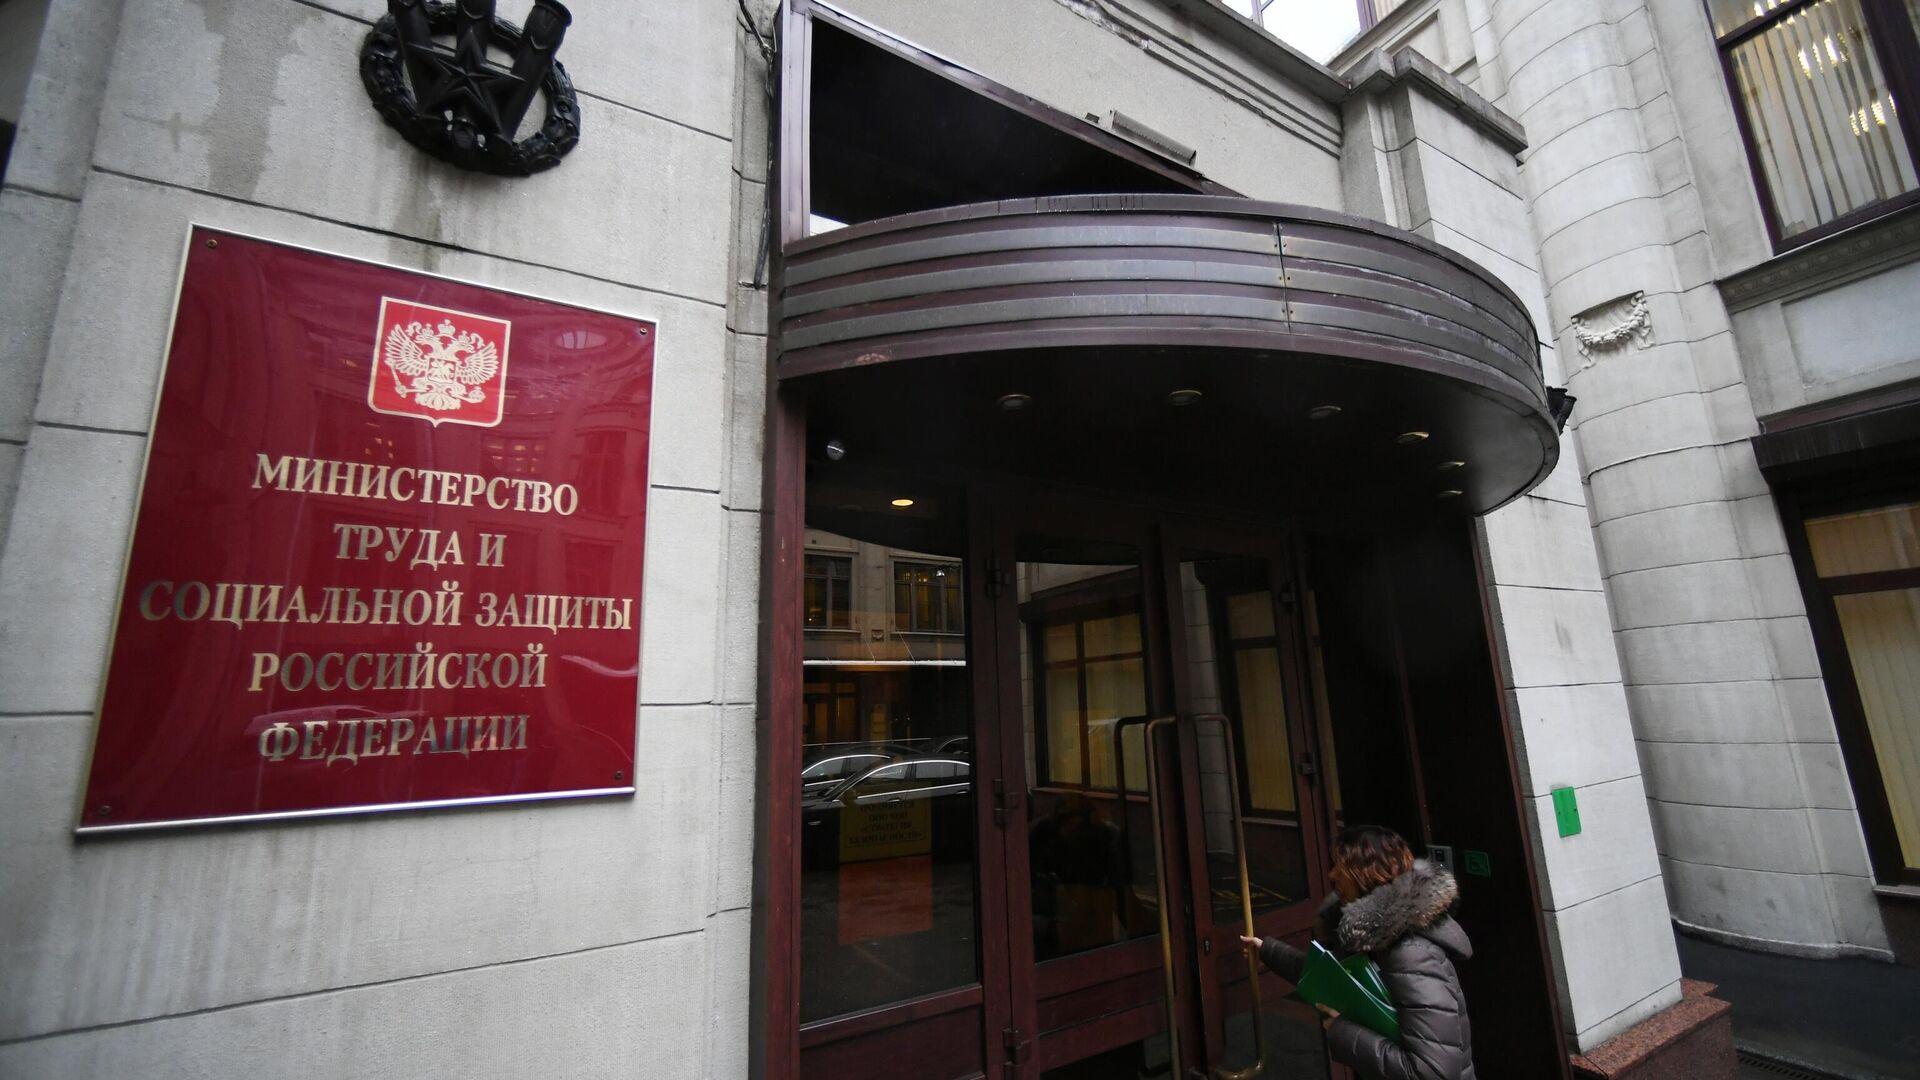 Здание Министерства труда и социальной защиты Российской Федерации - РИА Новости, 1920, 16.09.2020